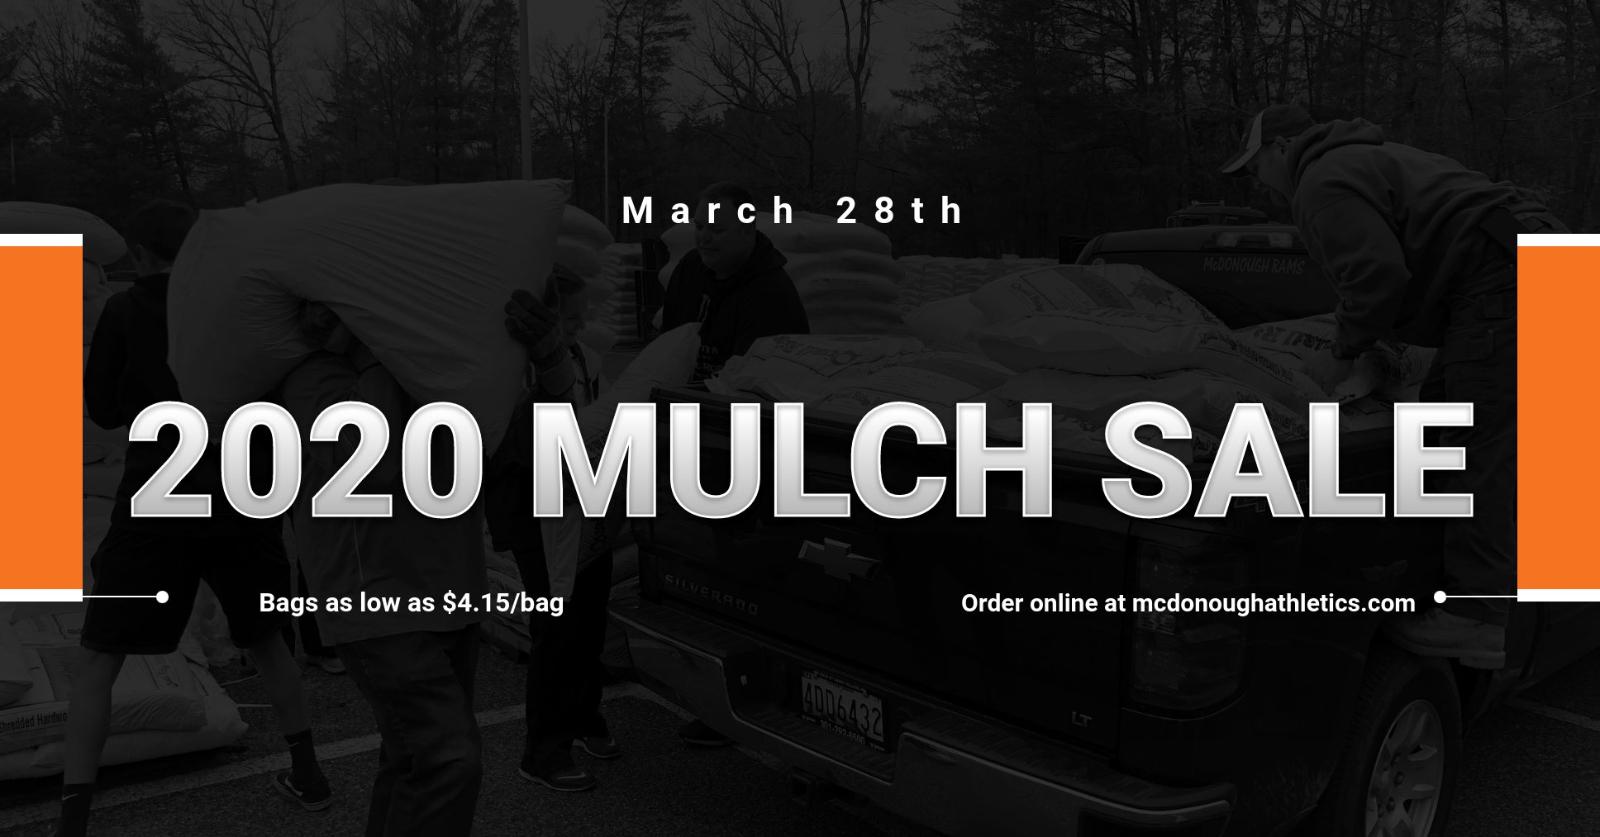 2020 Mulch Sale